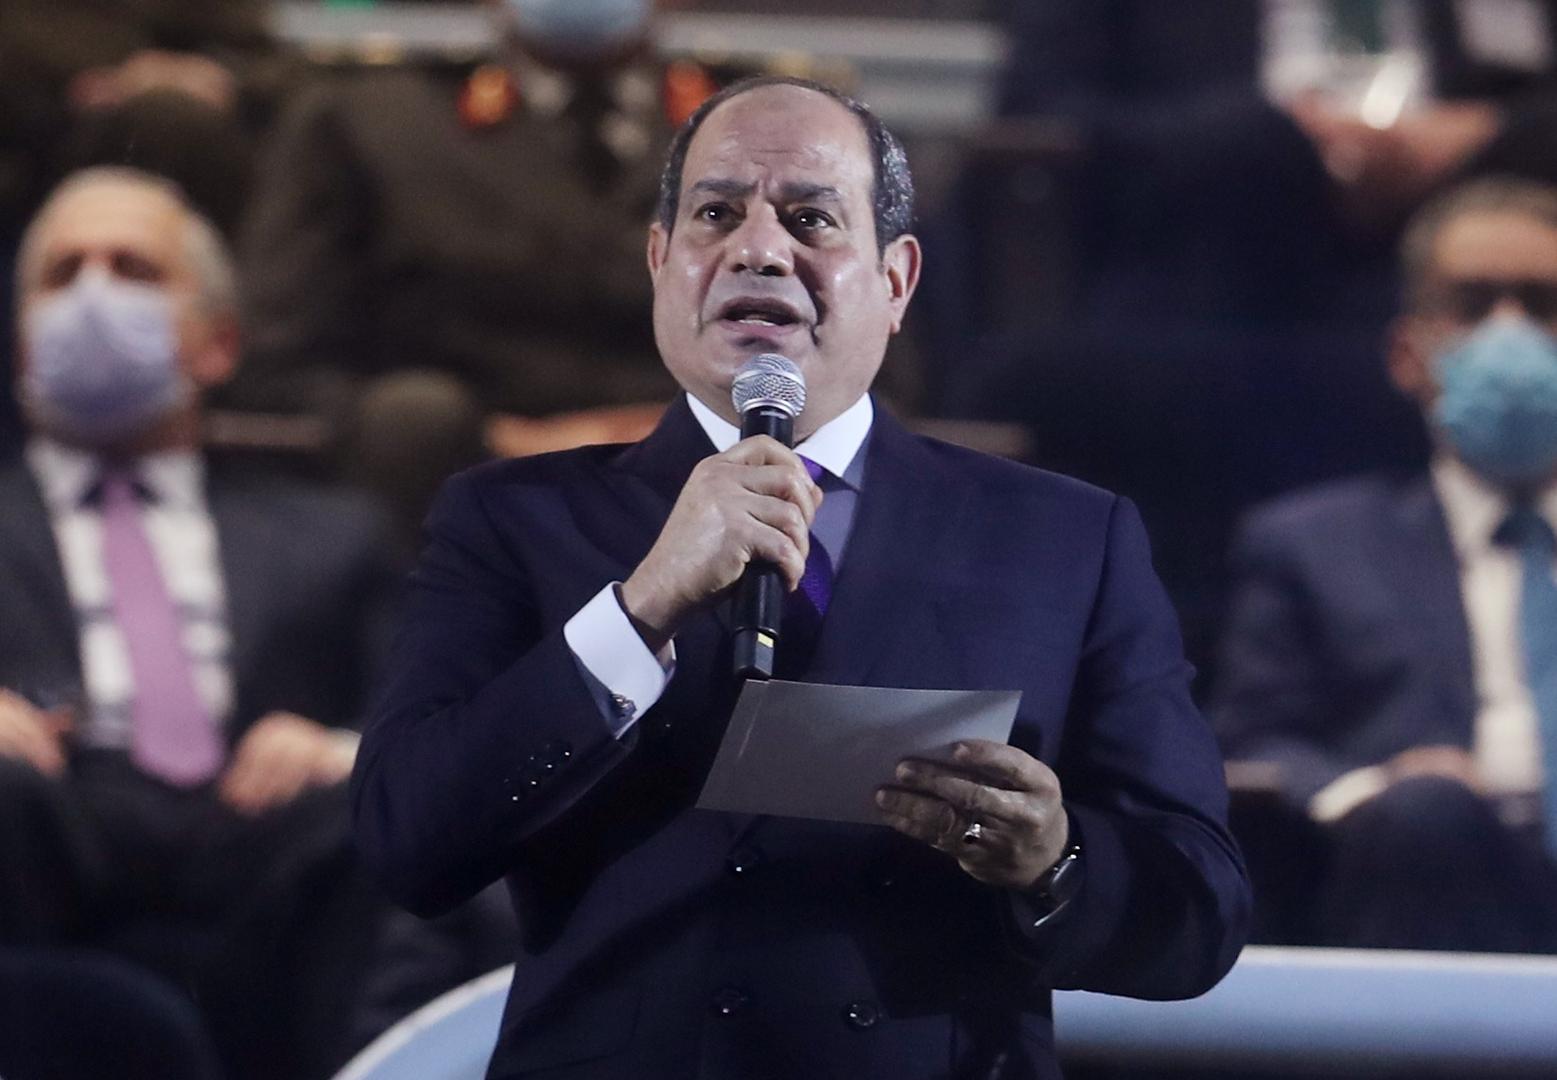 السيسي: مصر تتطلع للتوصل بأقرب وقت وبلا مزيد من الإبطاء لاتفاقية متوازنة وملزمة بشأن سد النهضة